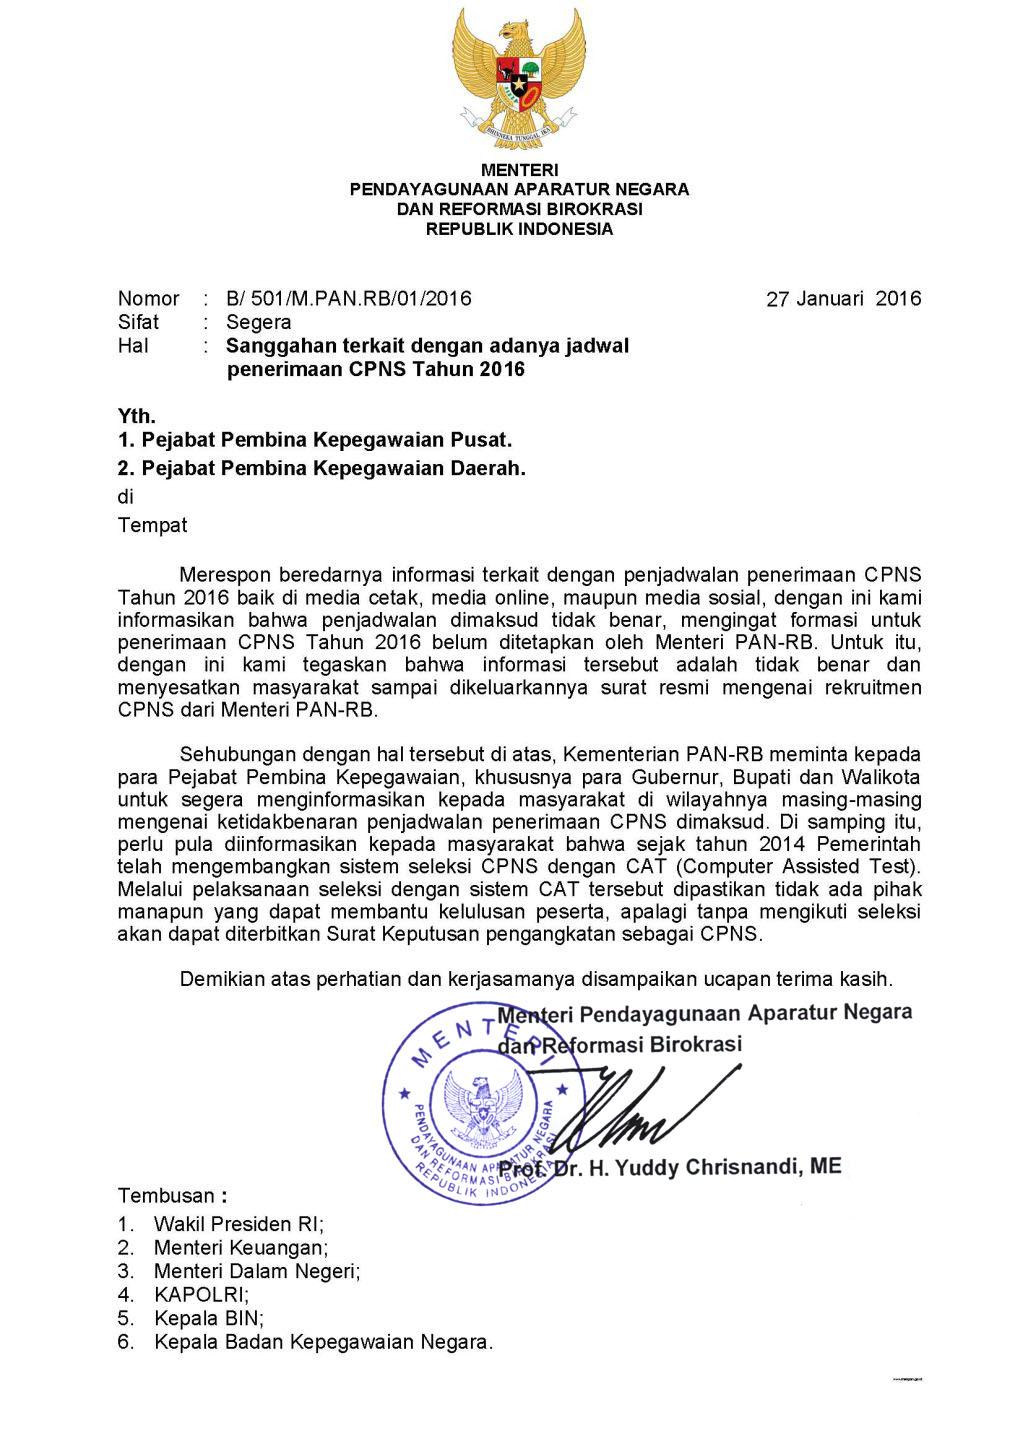 Surat Edaran MenPAN-RB Sanggahan Adanya Informasi Jadwal ...